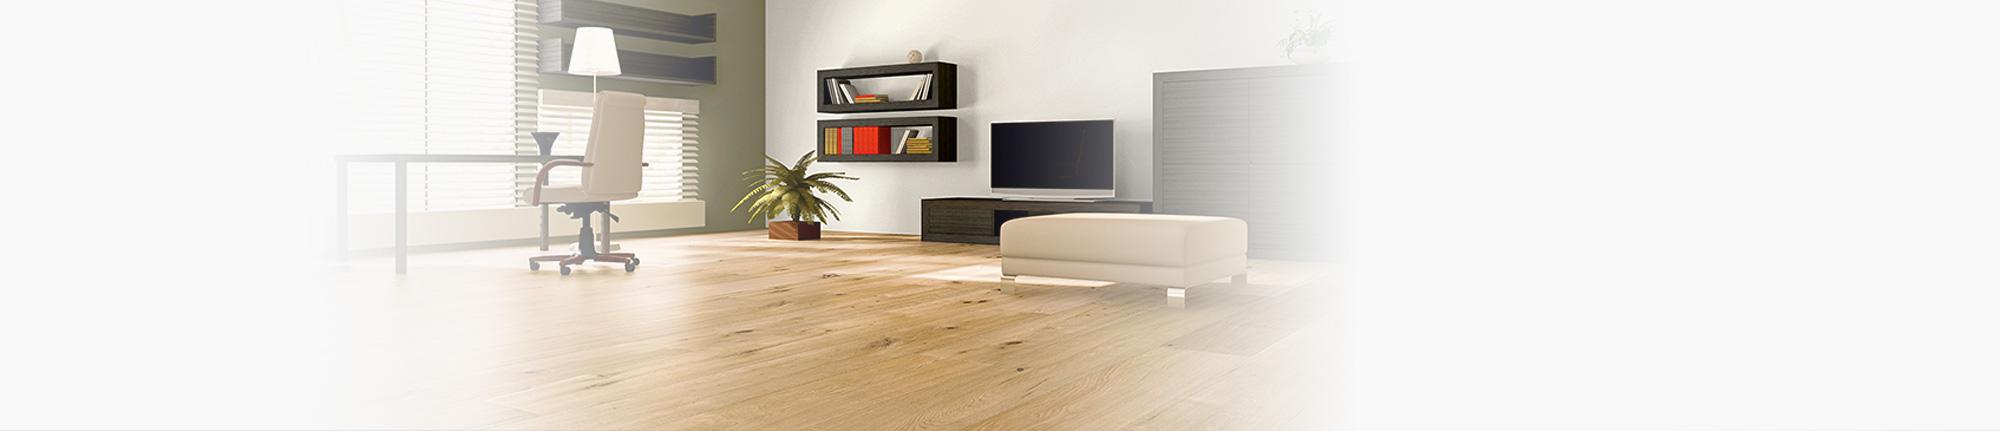 beratung und verlegung von landhausdielen parkett berthold bonn. Black Bedroom Furniture Sets. Home Design Ideas